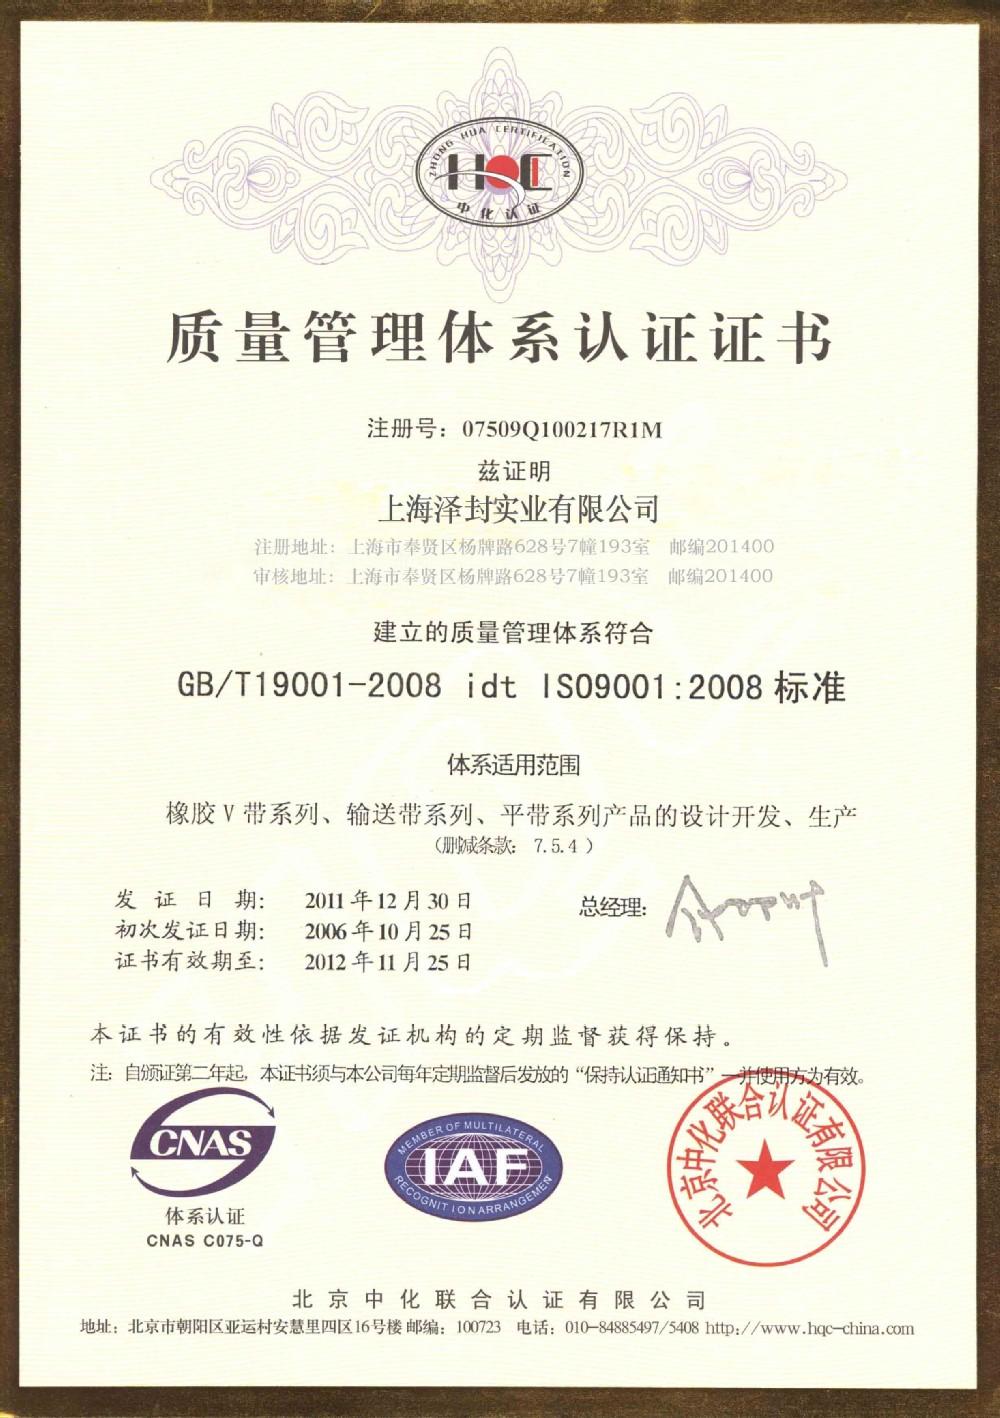 Tcm Forklift Part Tcm Hose Guide Pulley Buy Hose Guide Pulley Guide Pulley Tcm Hose Pulley Product On Alibaba